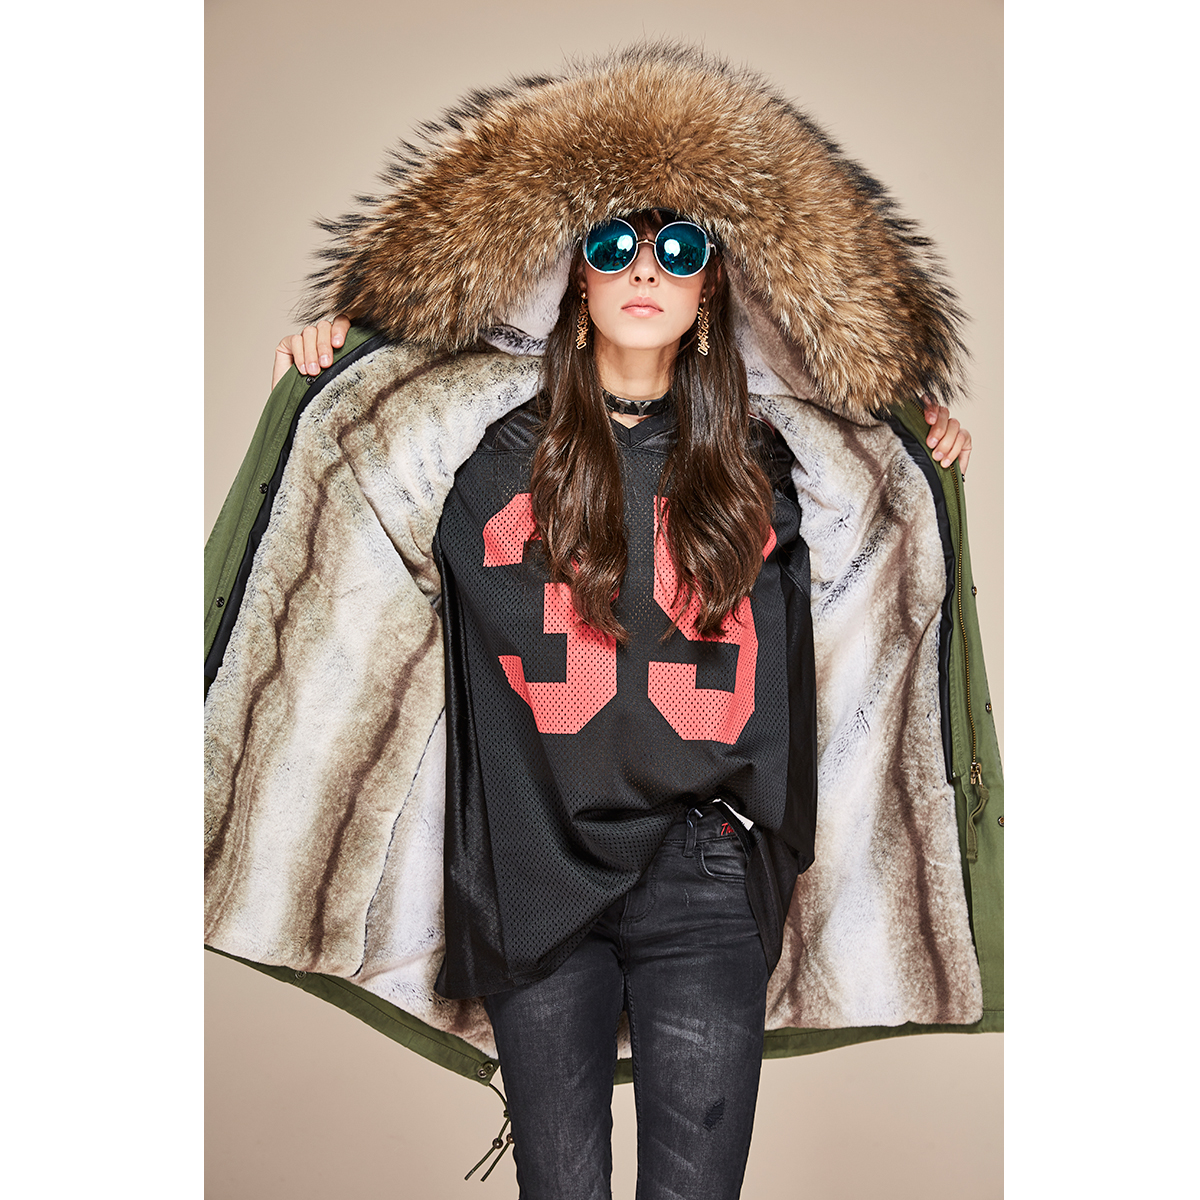 JAZZEVAR 2019 Neue Mode Winter Frau Große waschbären Pelz Kragen parka midi Mit Kapuze Mantel Outwear perlen Military Lange Jacke-in Parkas aus Damenbekleidung bei  Gruppe 3